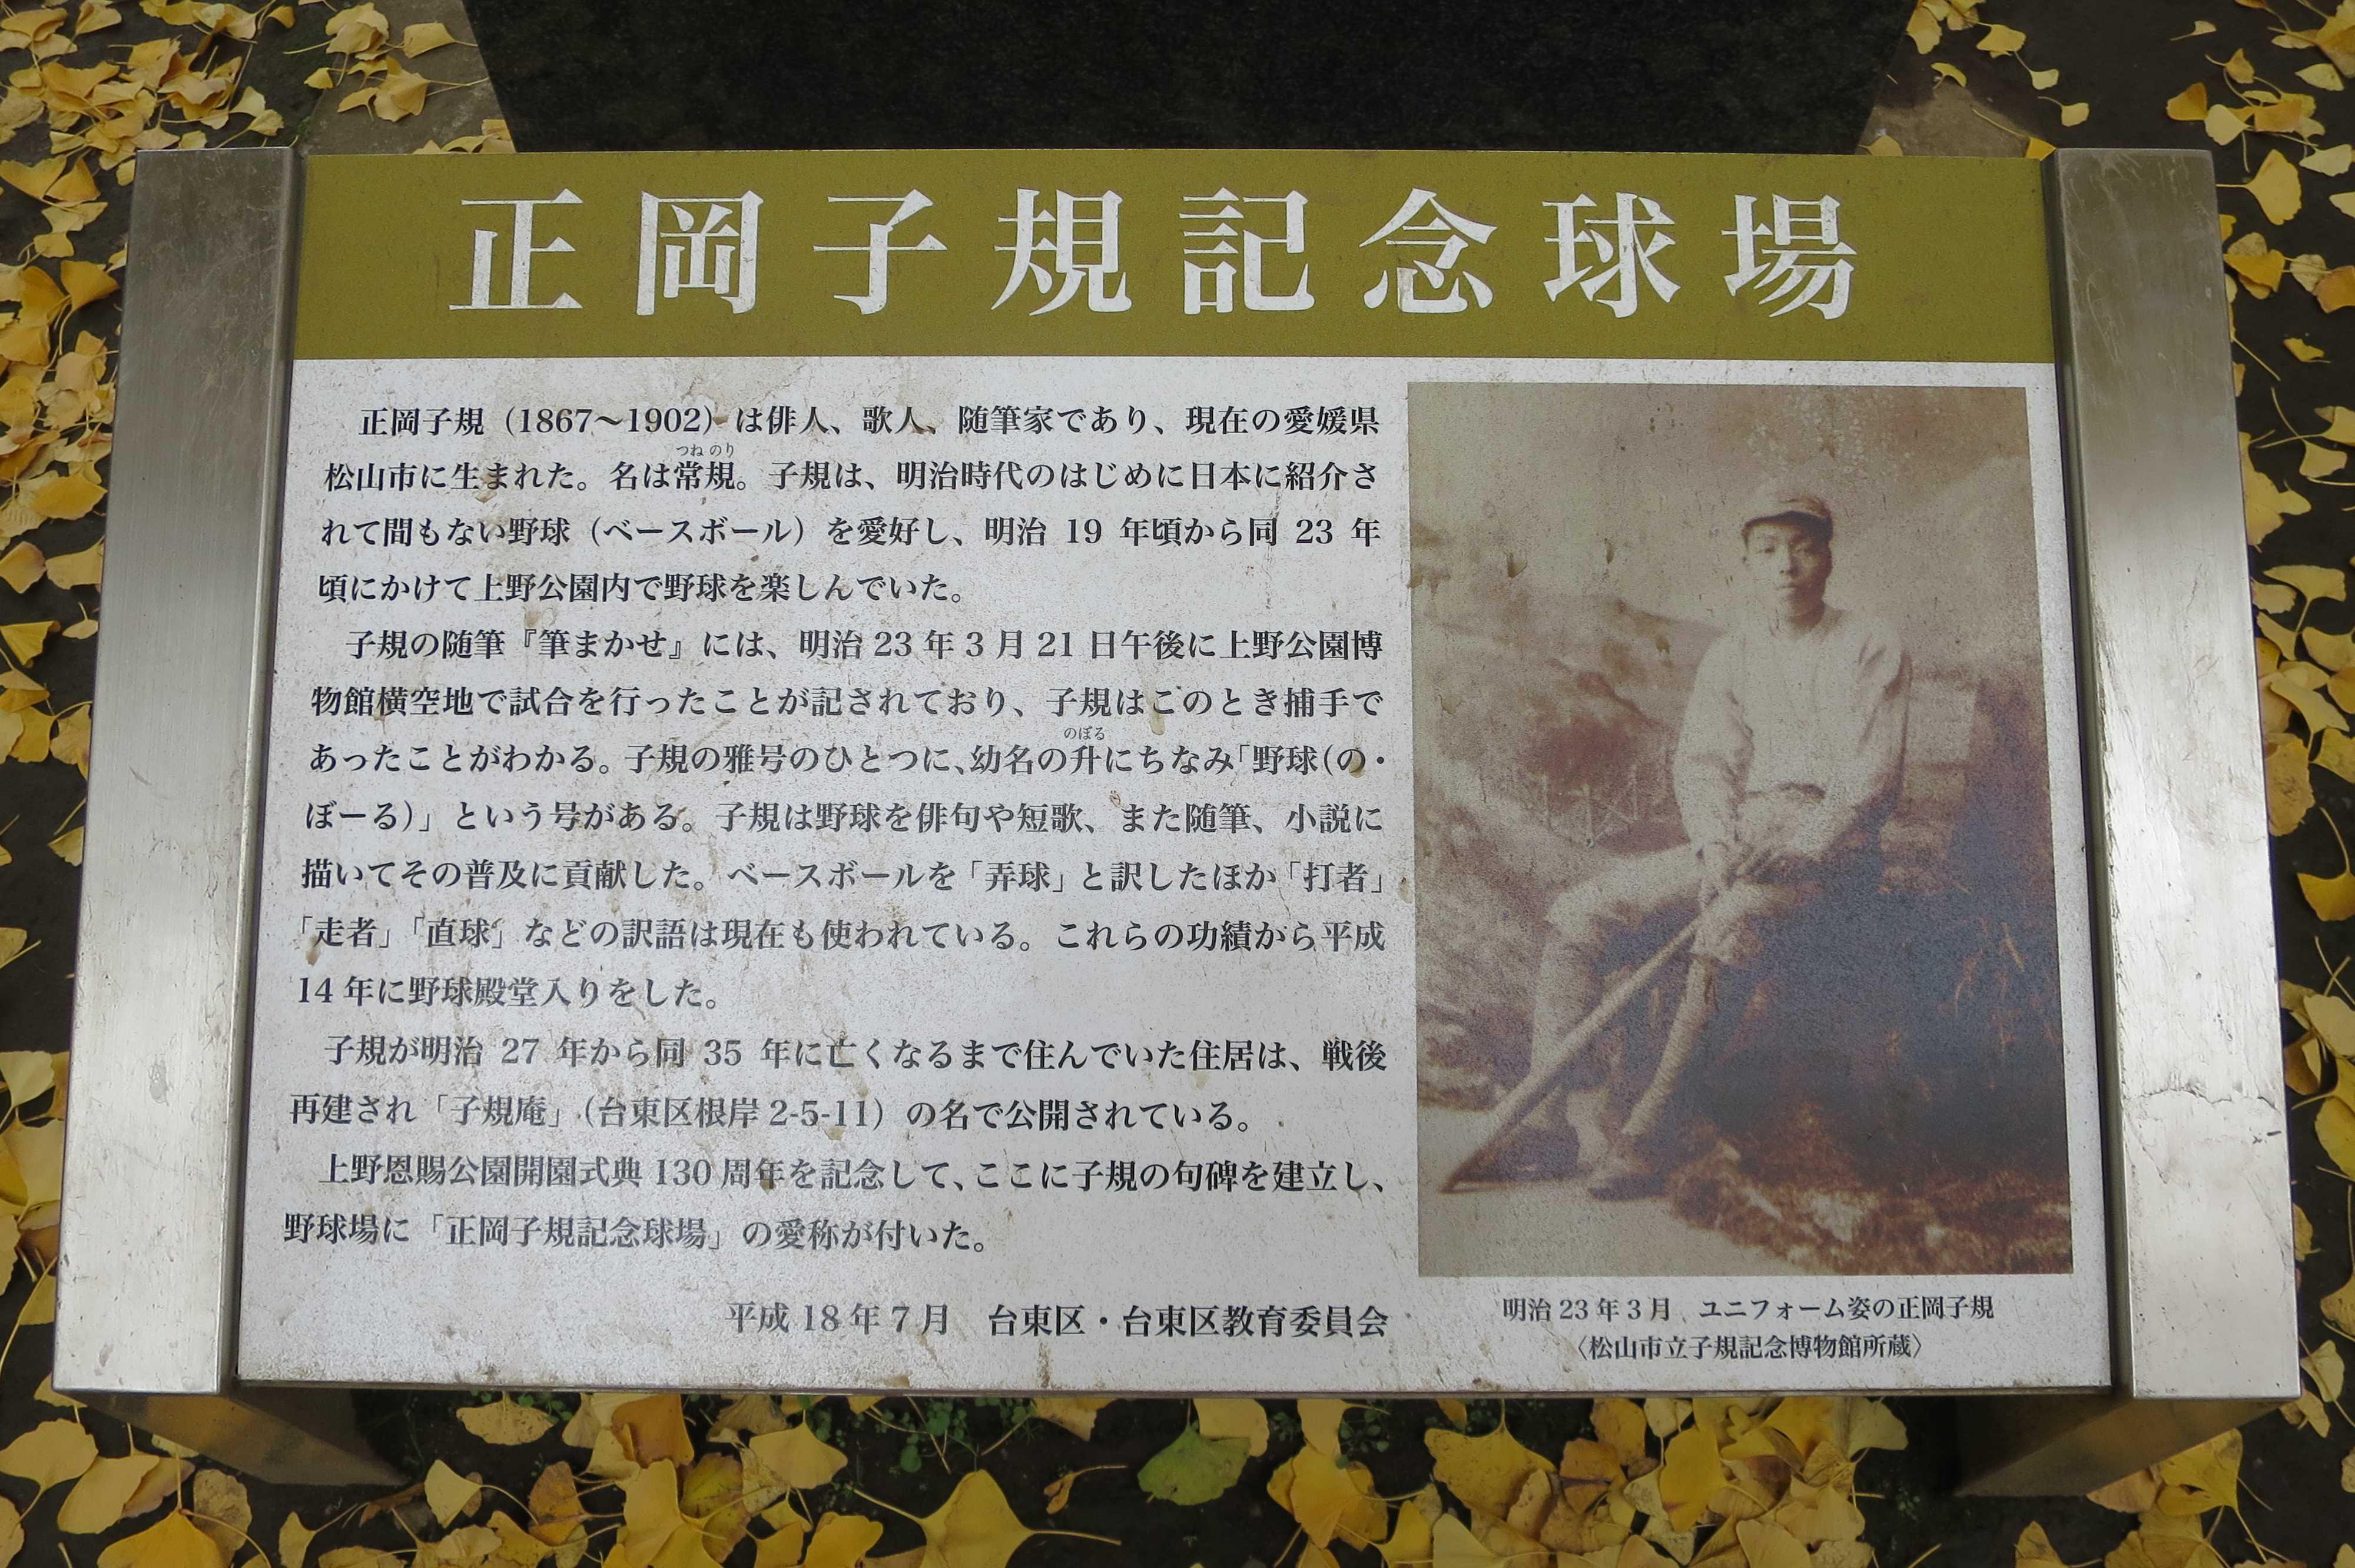 正岡子規記念球場 - 上野公園